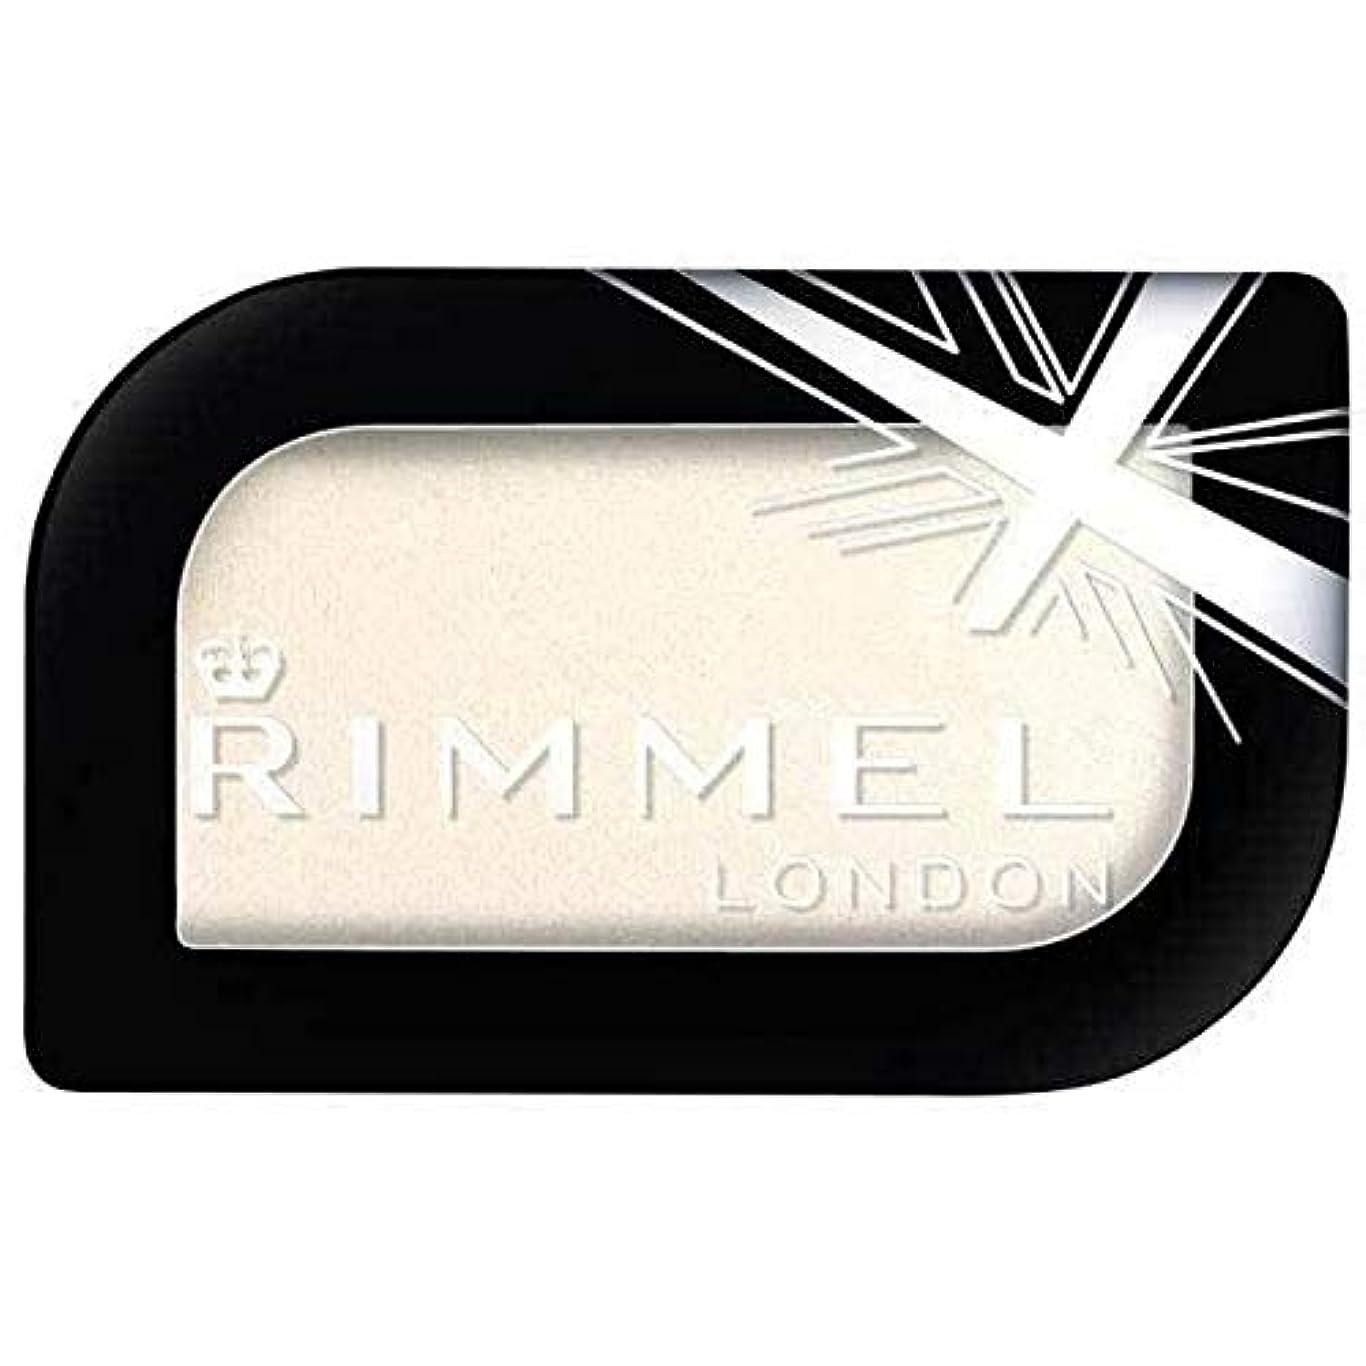 エトナ山科学者経営者[Rimmel ] リンメルロンドンは、モノアイシャドウQジャンプ5.2グラムをGlam'Eyes - Rimmel London Glam'eyes Mono Eyeshadow Q Jump 5.2g [並行輸入品]